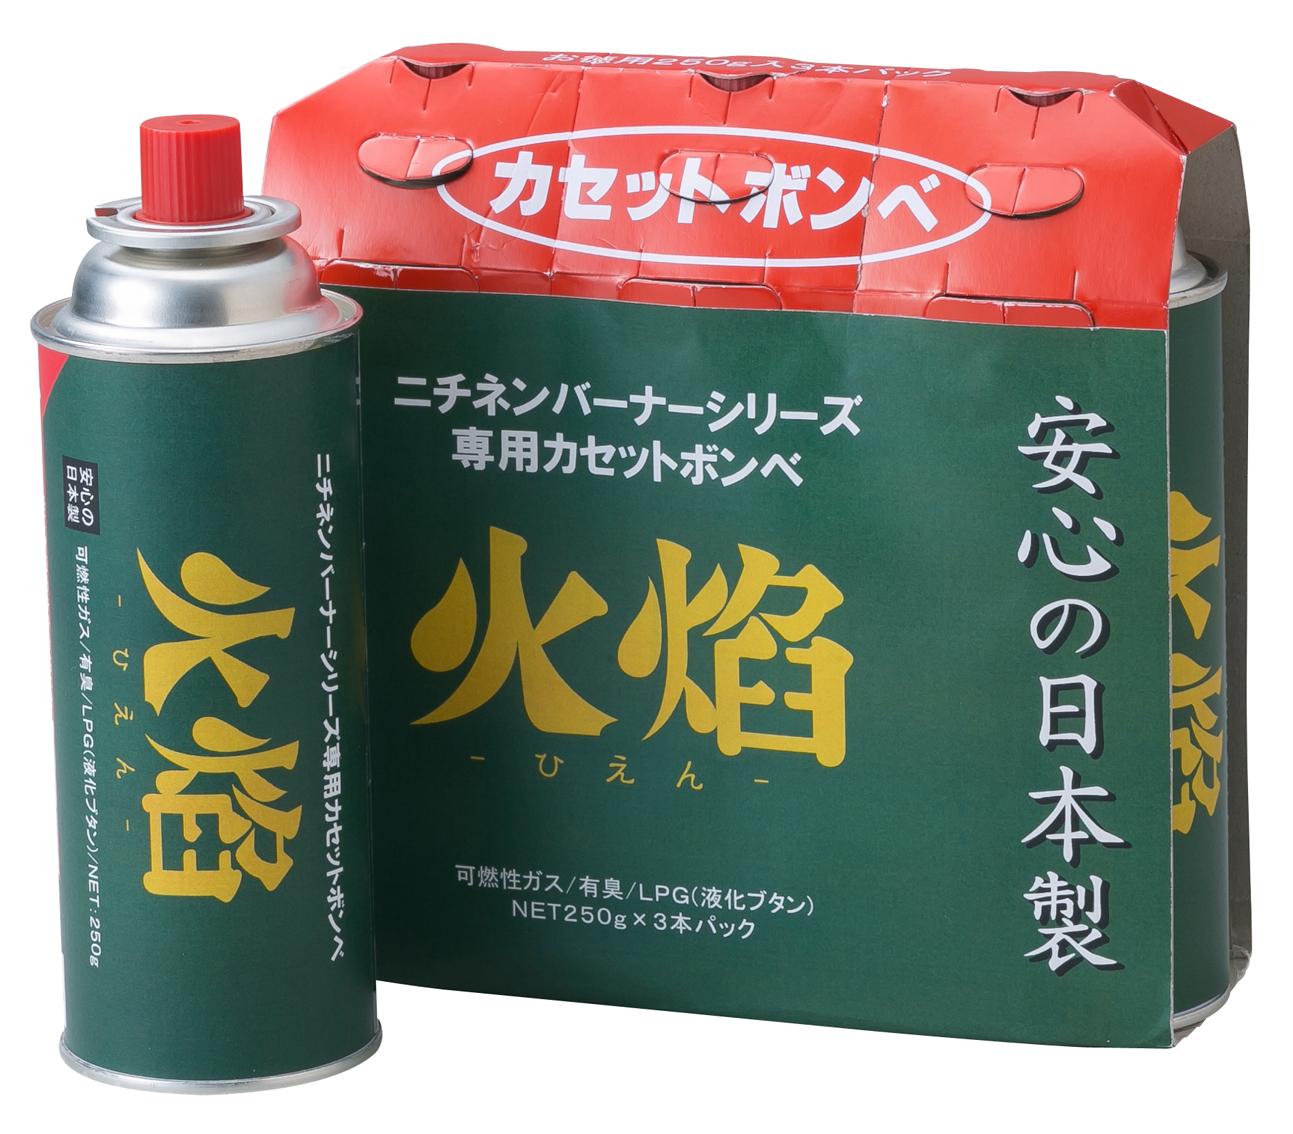 カセットボンベ アウトドア専用カセットボンベ火焔 48本(3本パック×16)